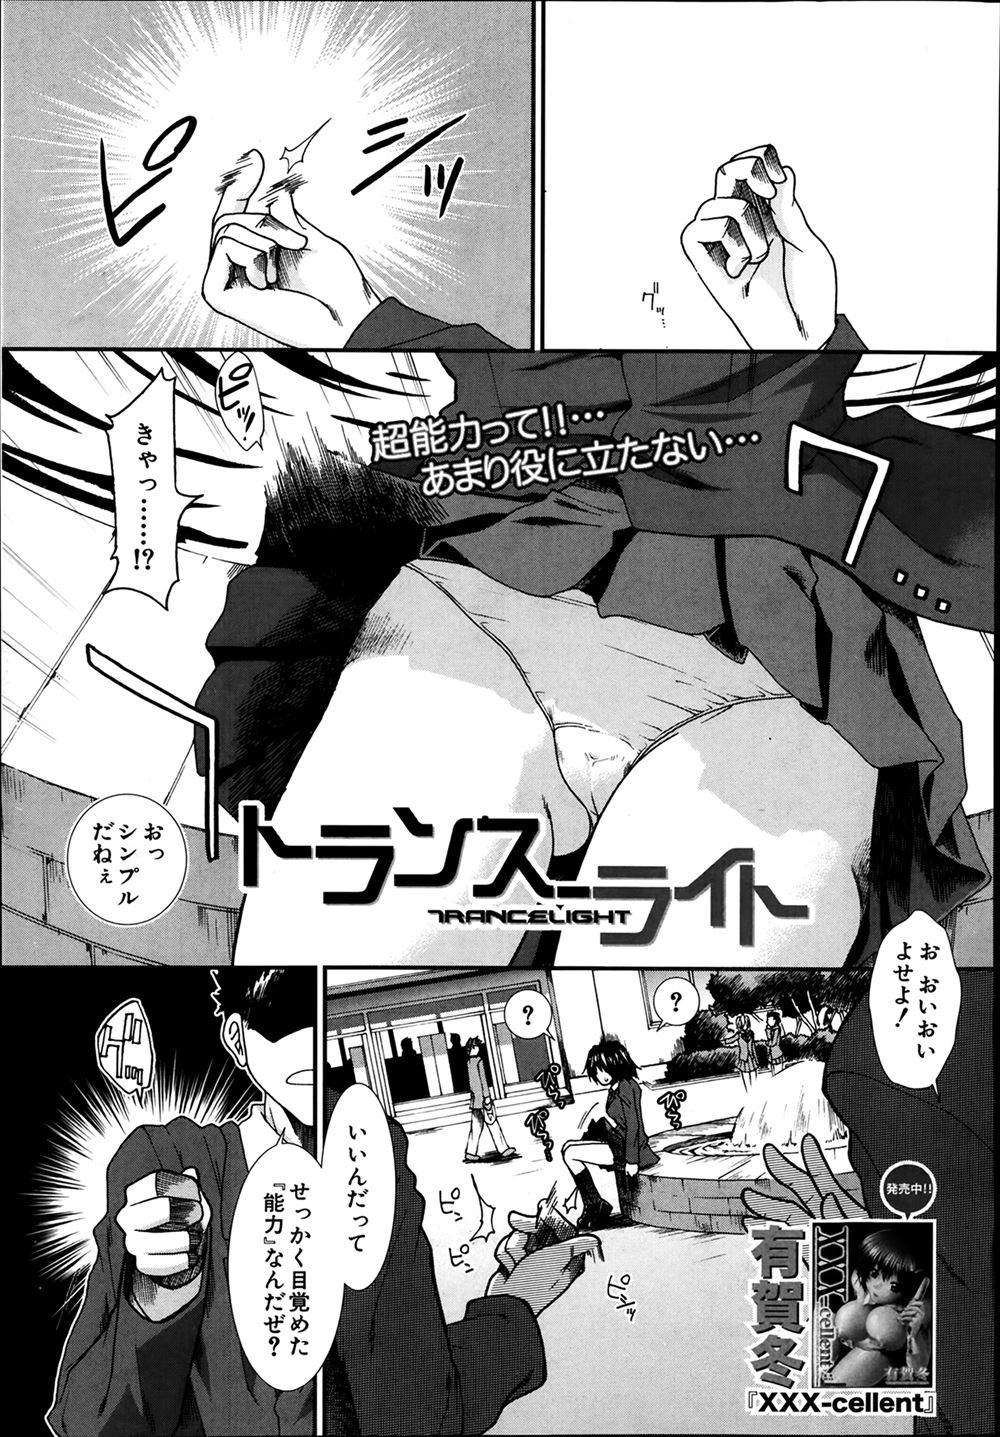 [有賀冬] トランスライト (1)